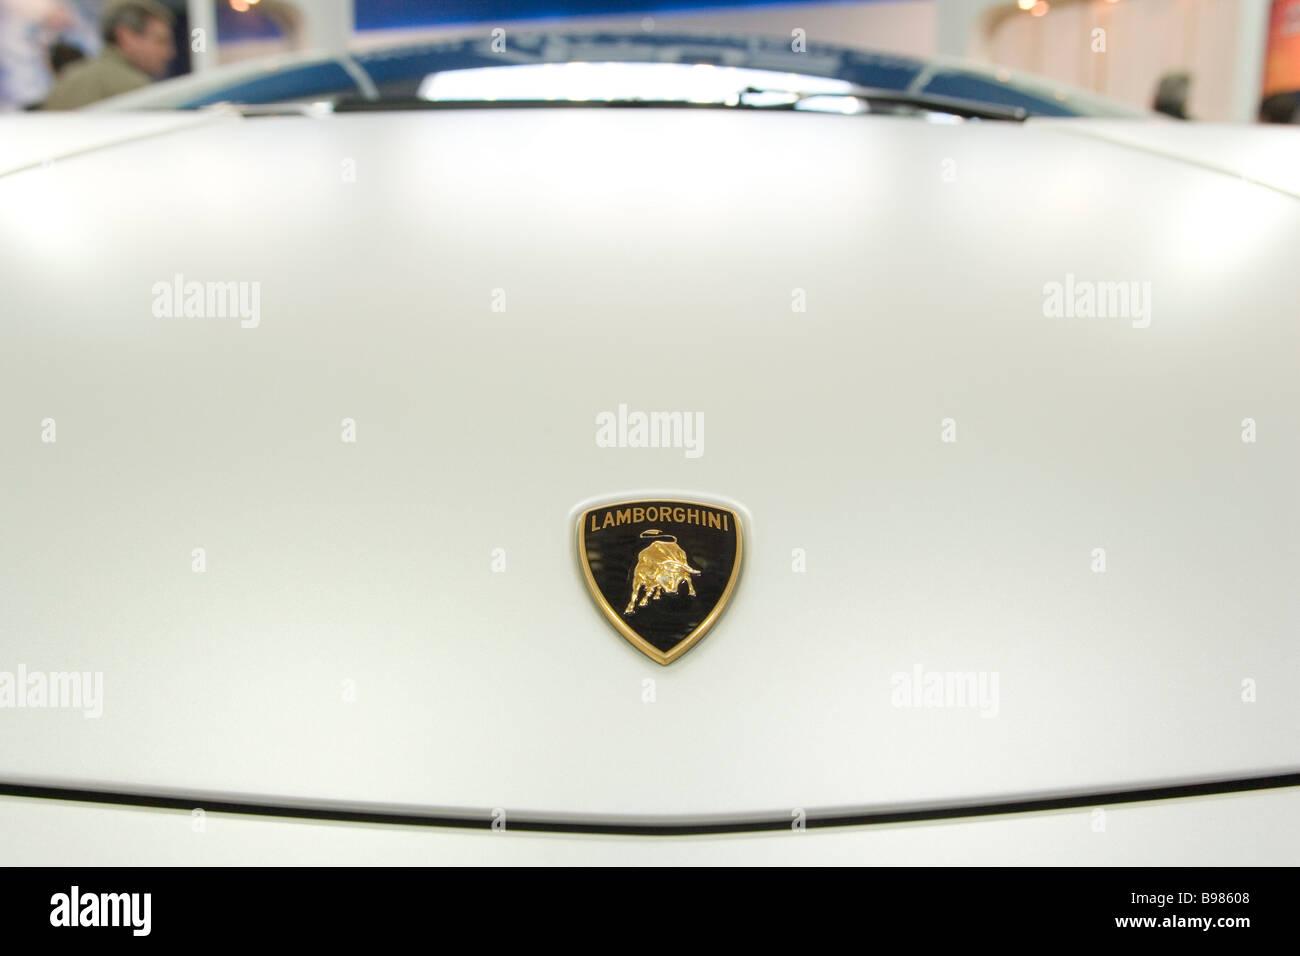 Emblem on the bonnet of a Lamborghini sports car - Stock Image